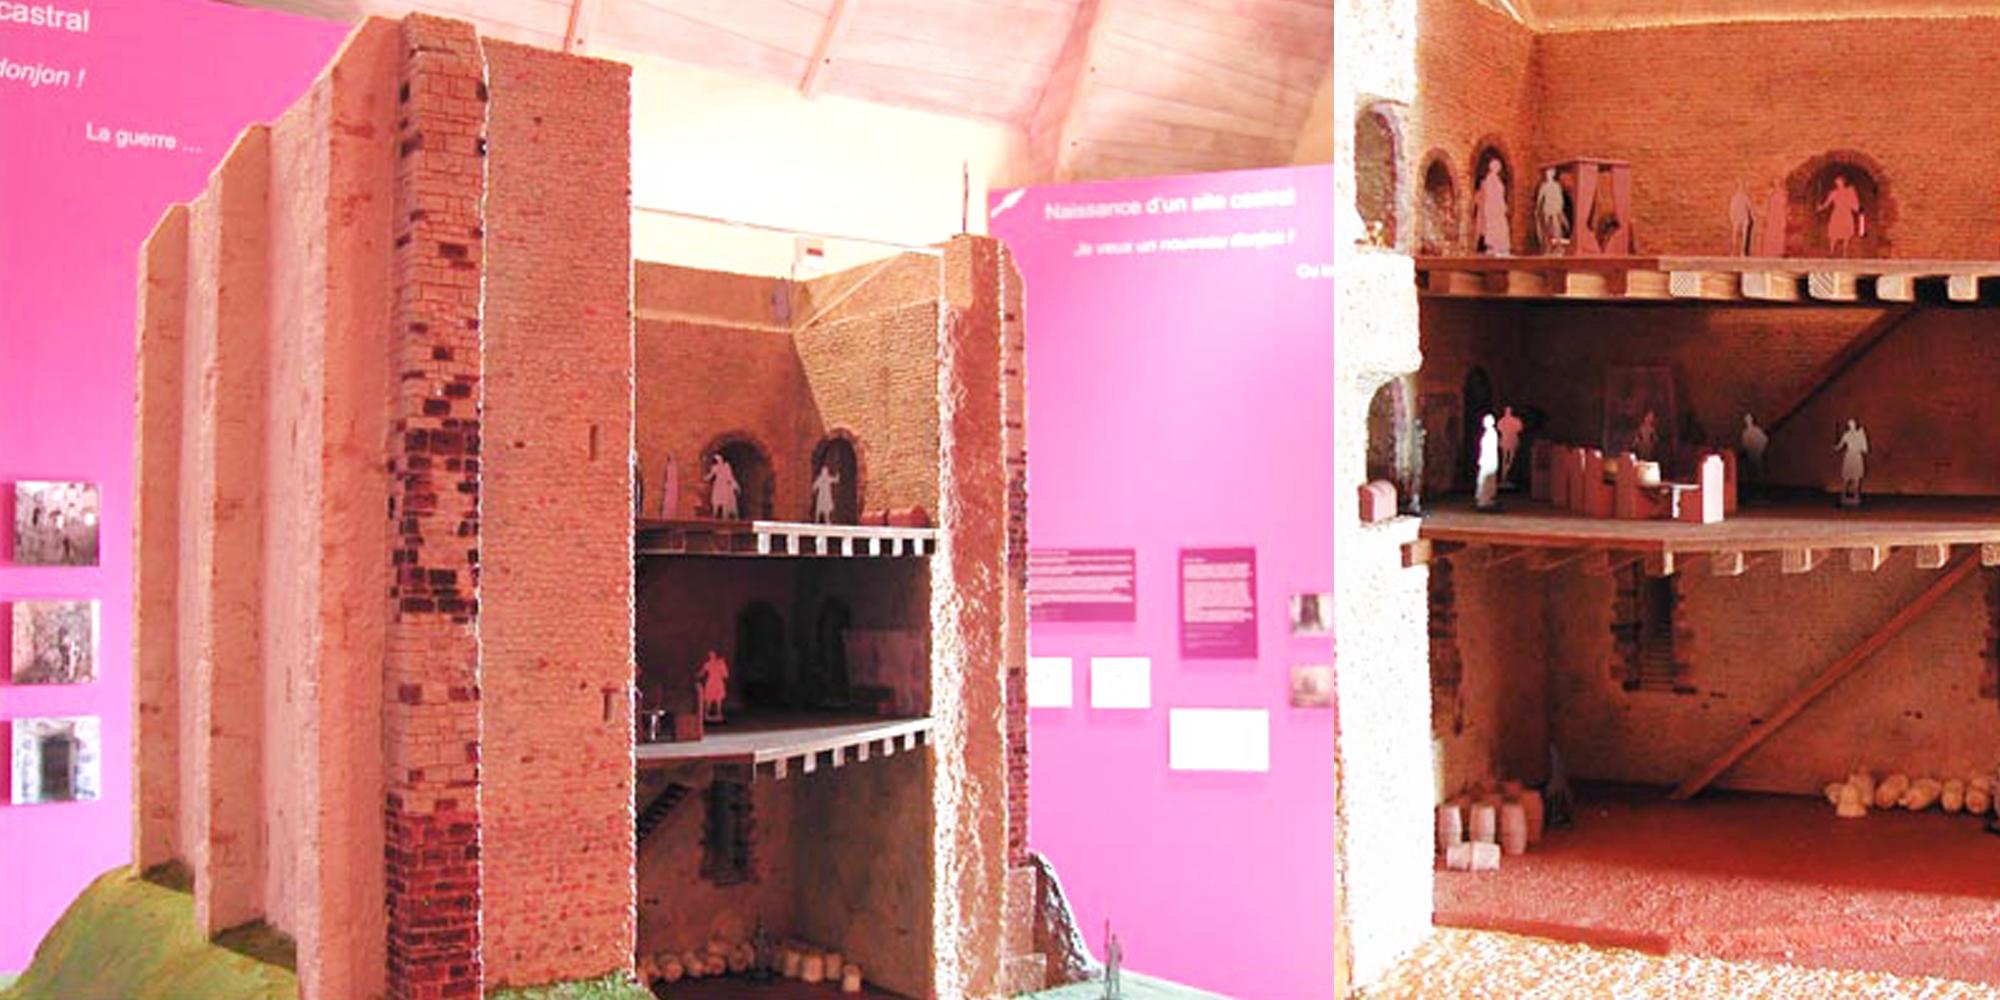 maquette pédagogique pour exposition réalisée en résine par l'atelier Cobalt Fx